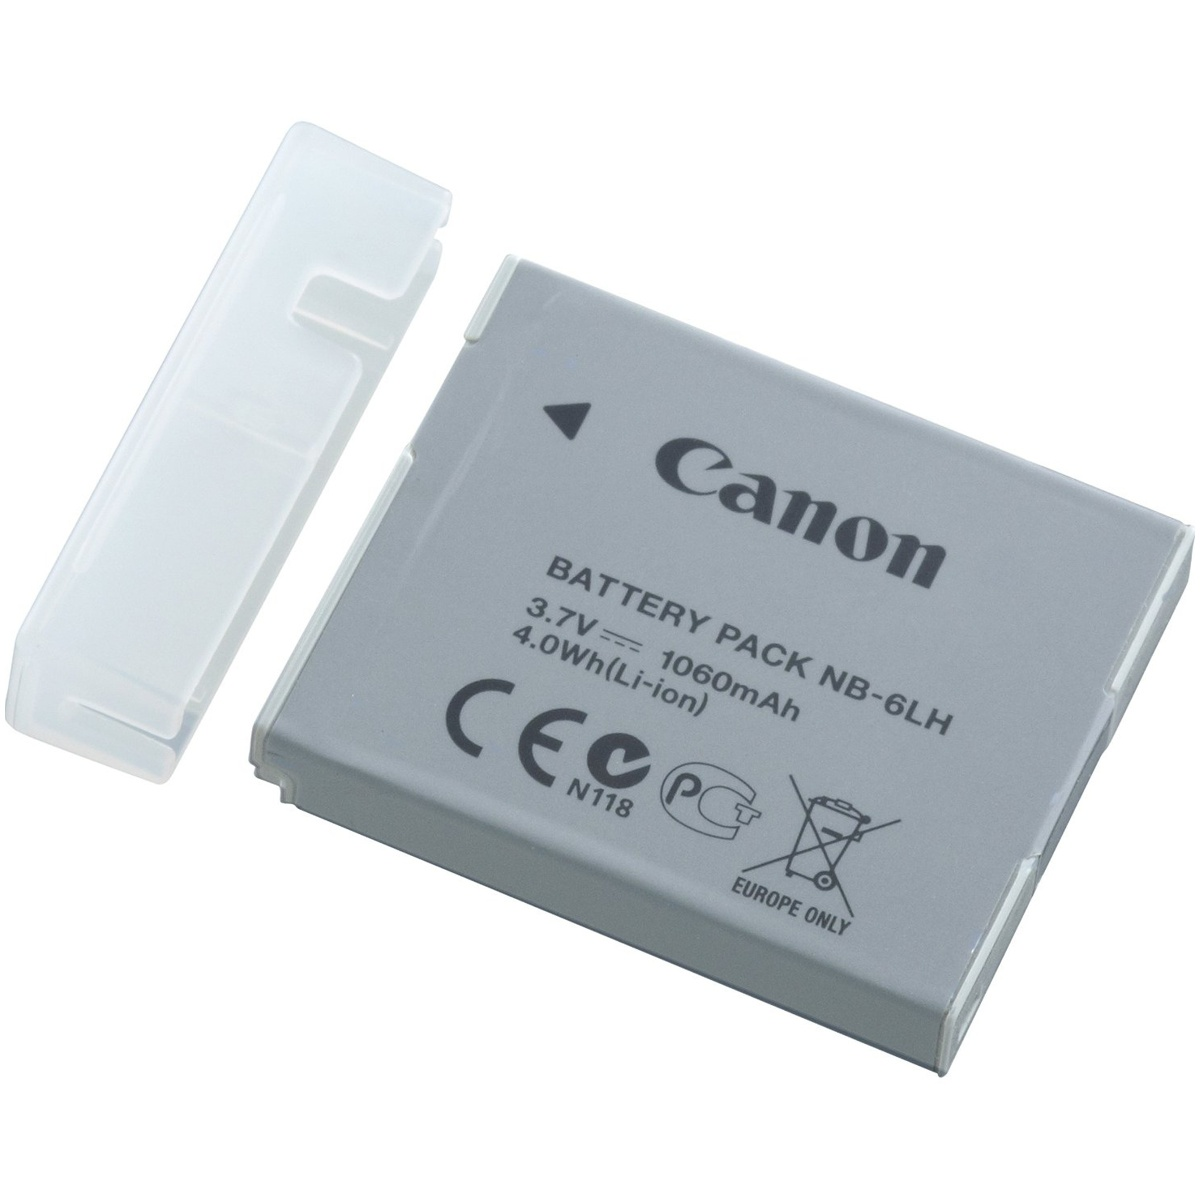 Canon NB-6LH Akku